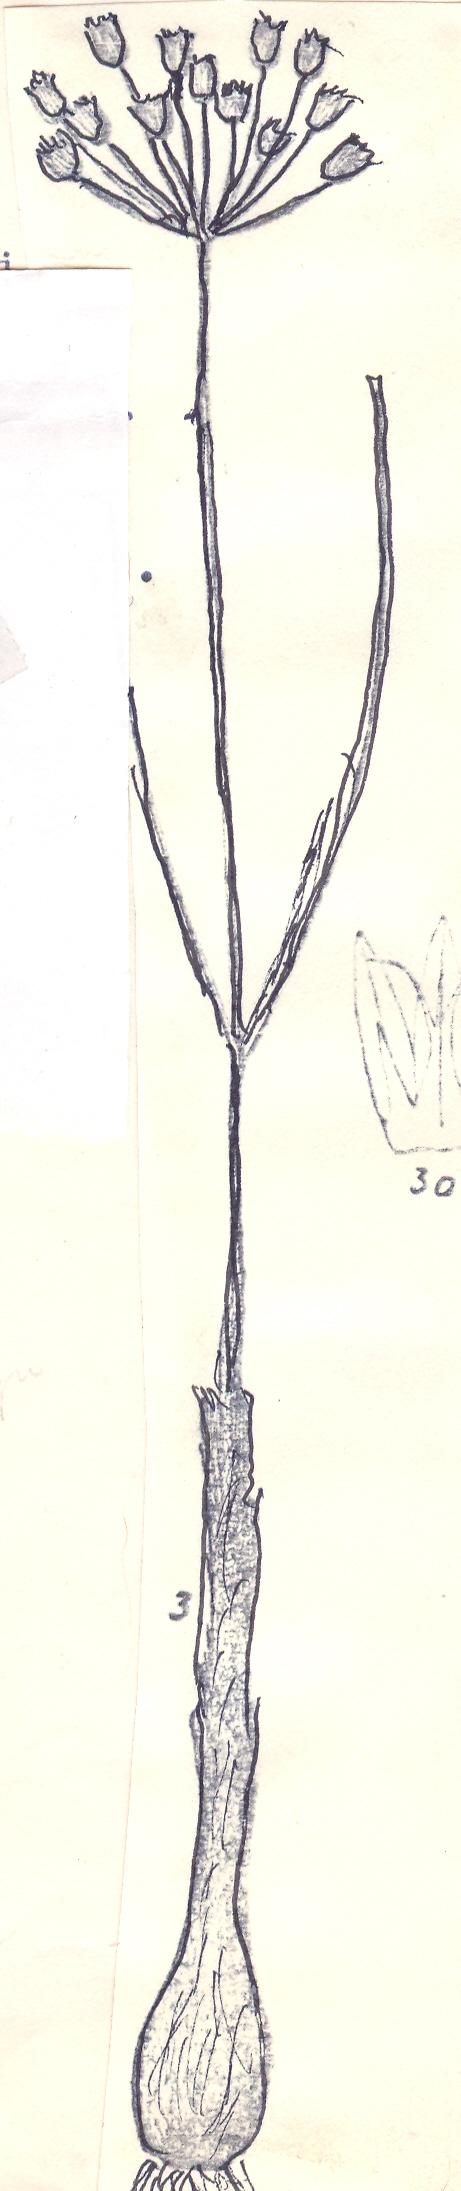 Allium%20gypsodictyum.jpg